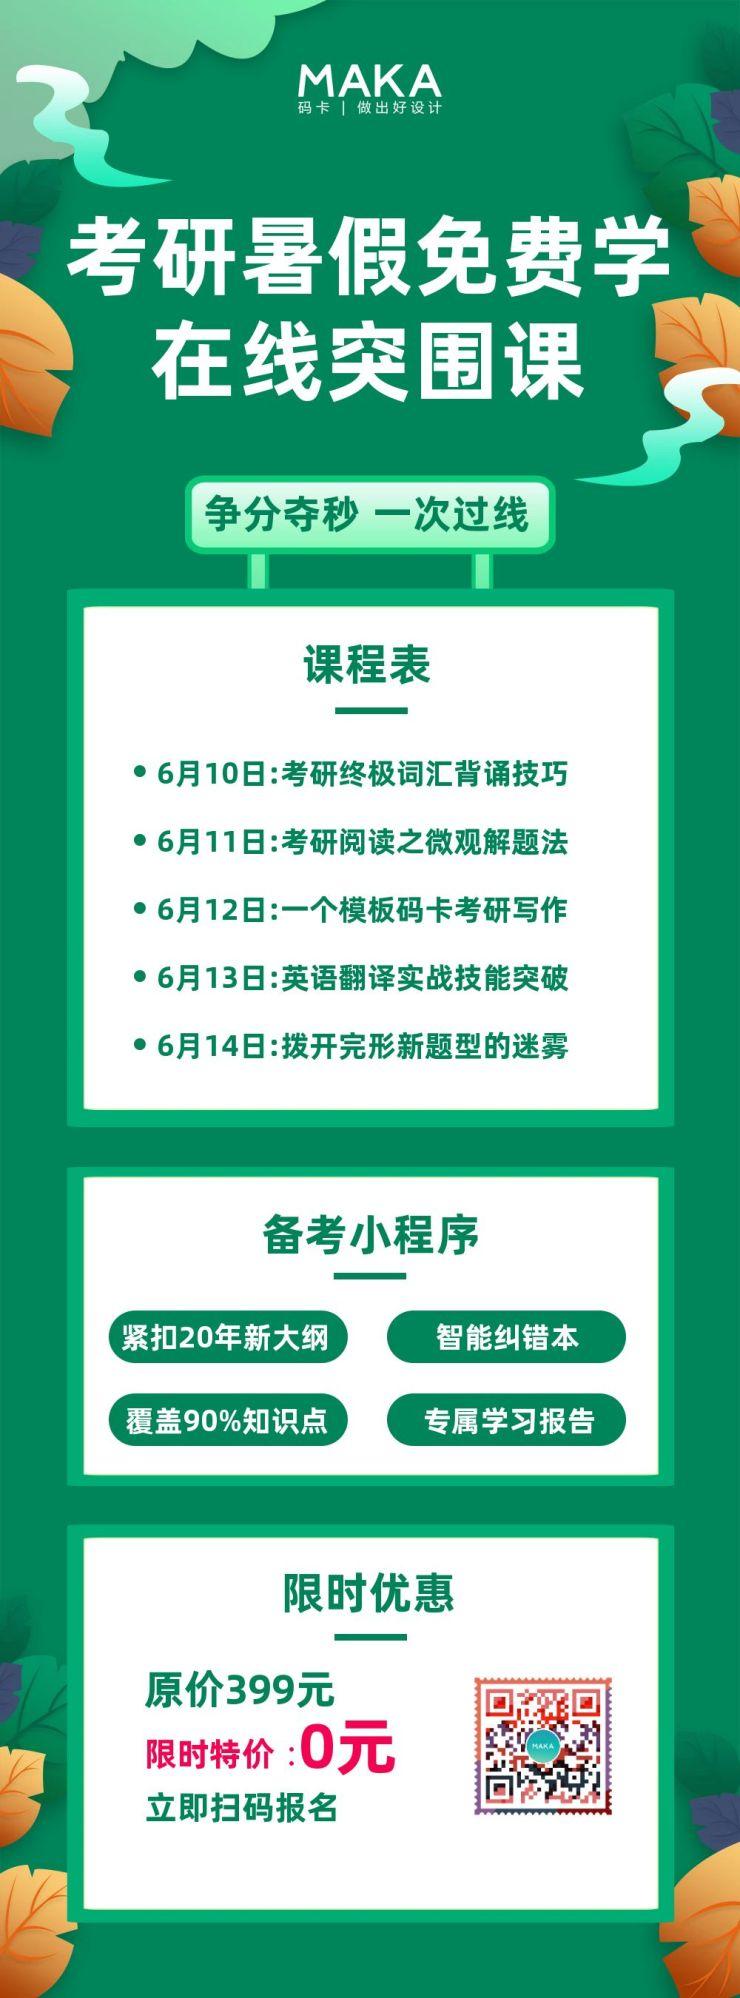 绿色扁平简约风教育行业考研培训班暑期招生宣传推广长图模板